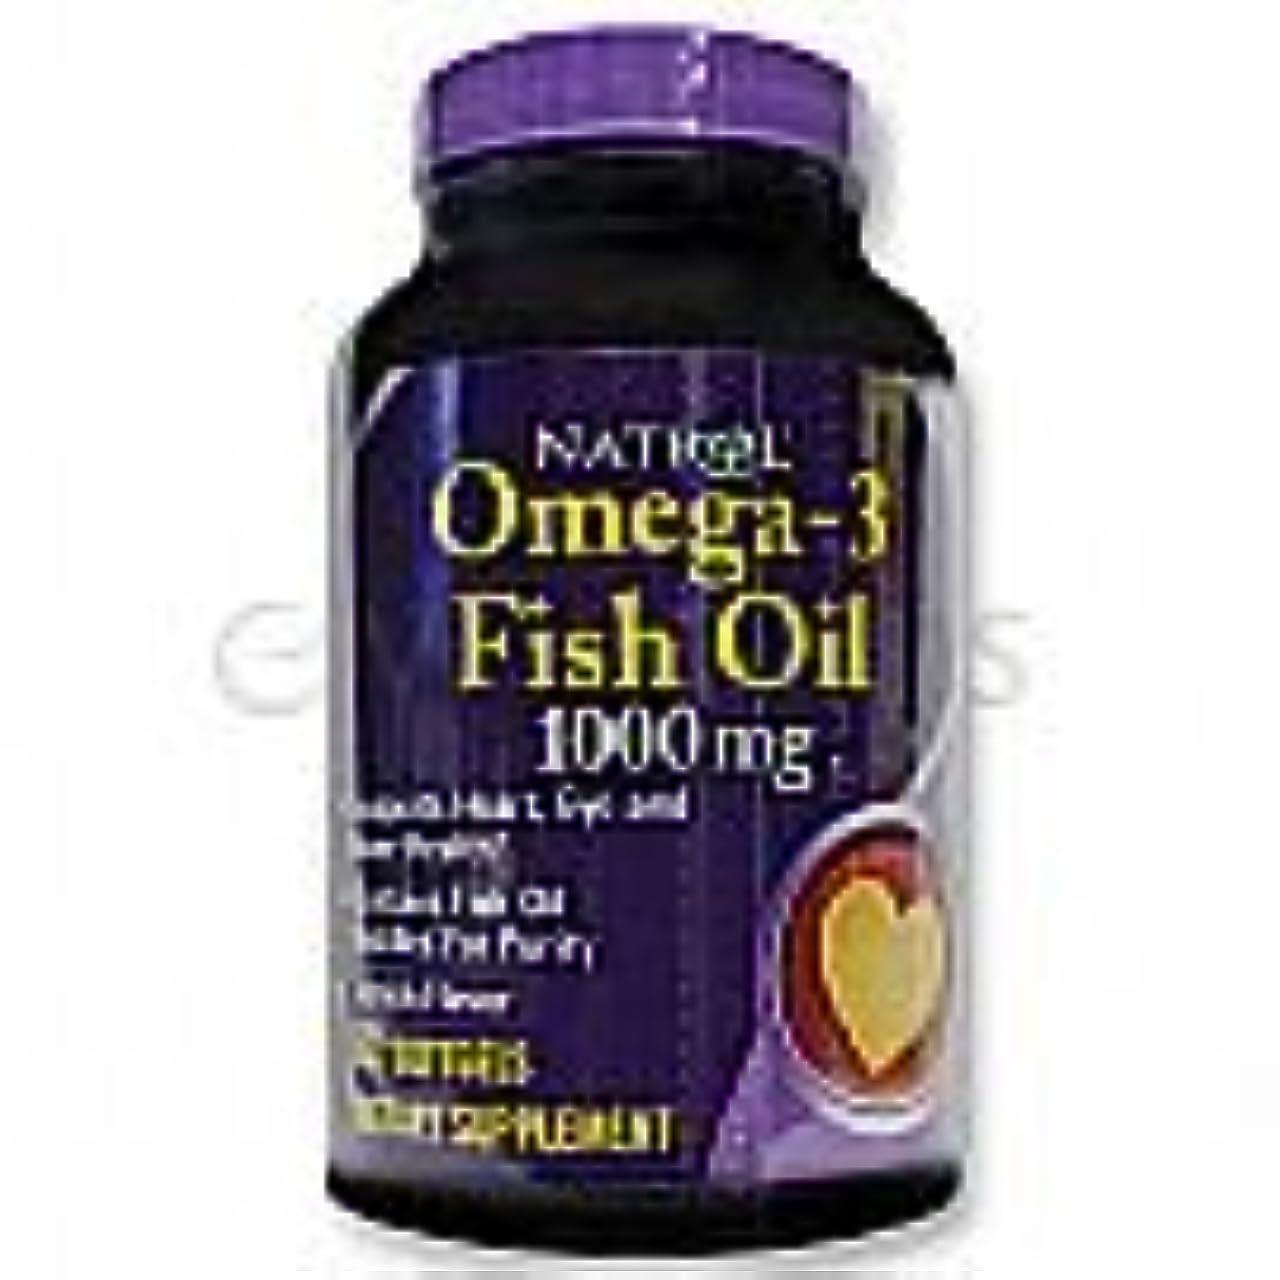 不一致マーチャンダイザー仕事Natrol Omega-3 Fish Oil 1,000 mg 60 Softgels Lemon [並行輸入品]